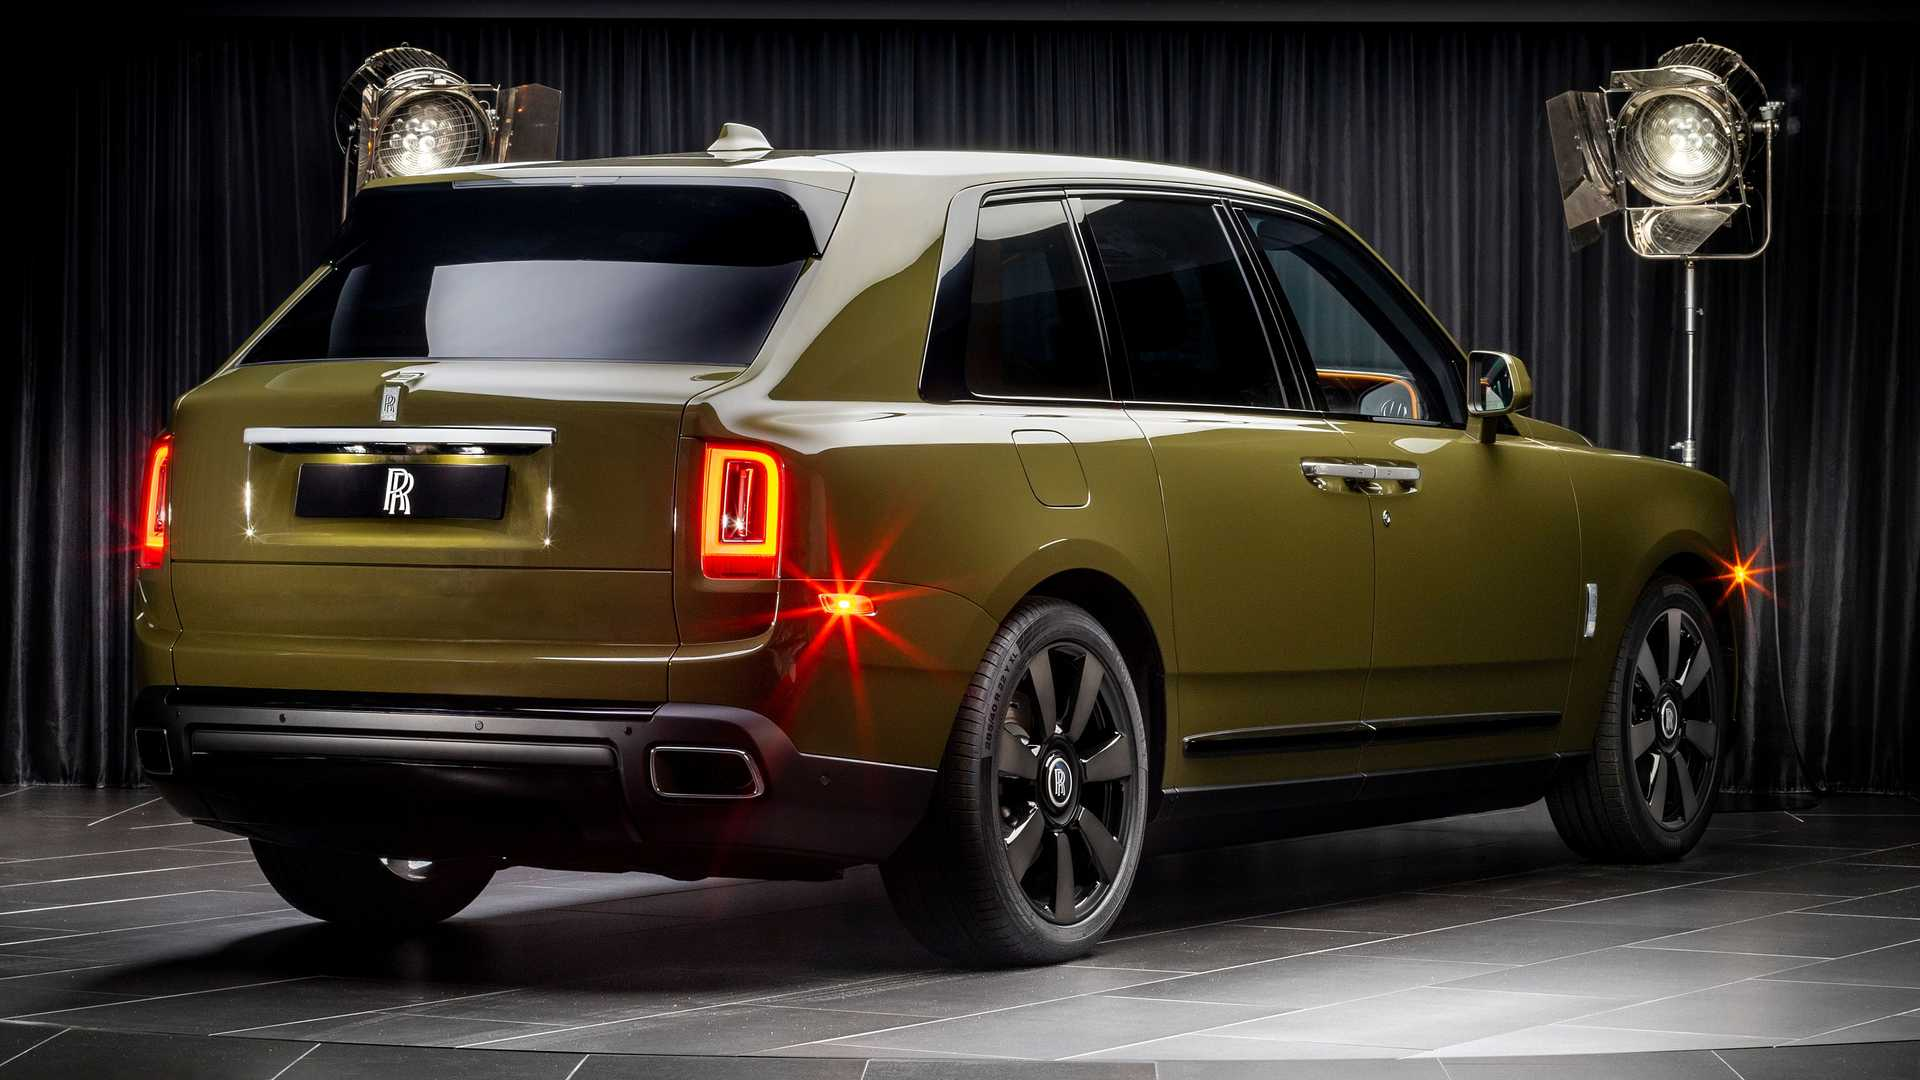 Rolls-Royce-Cullinan-bespoke-colors-11